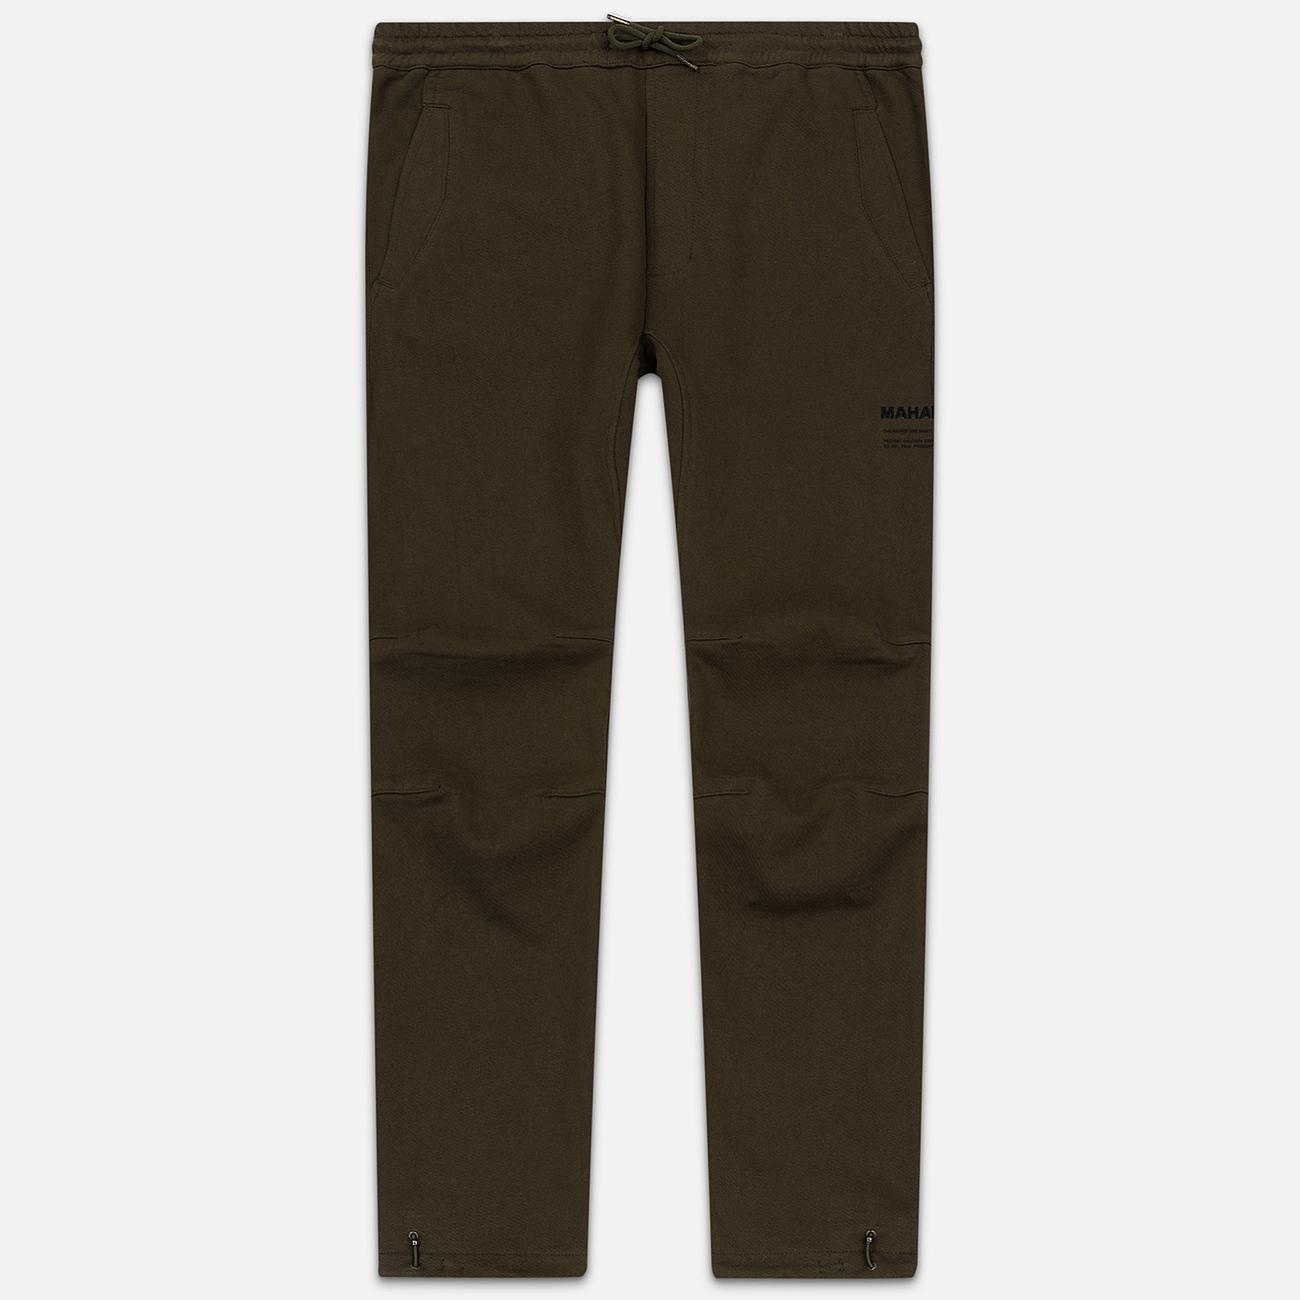 Мужские брюки maharishi Organic Military Type Embroidery Temple Bead Military Olive